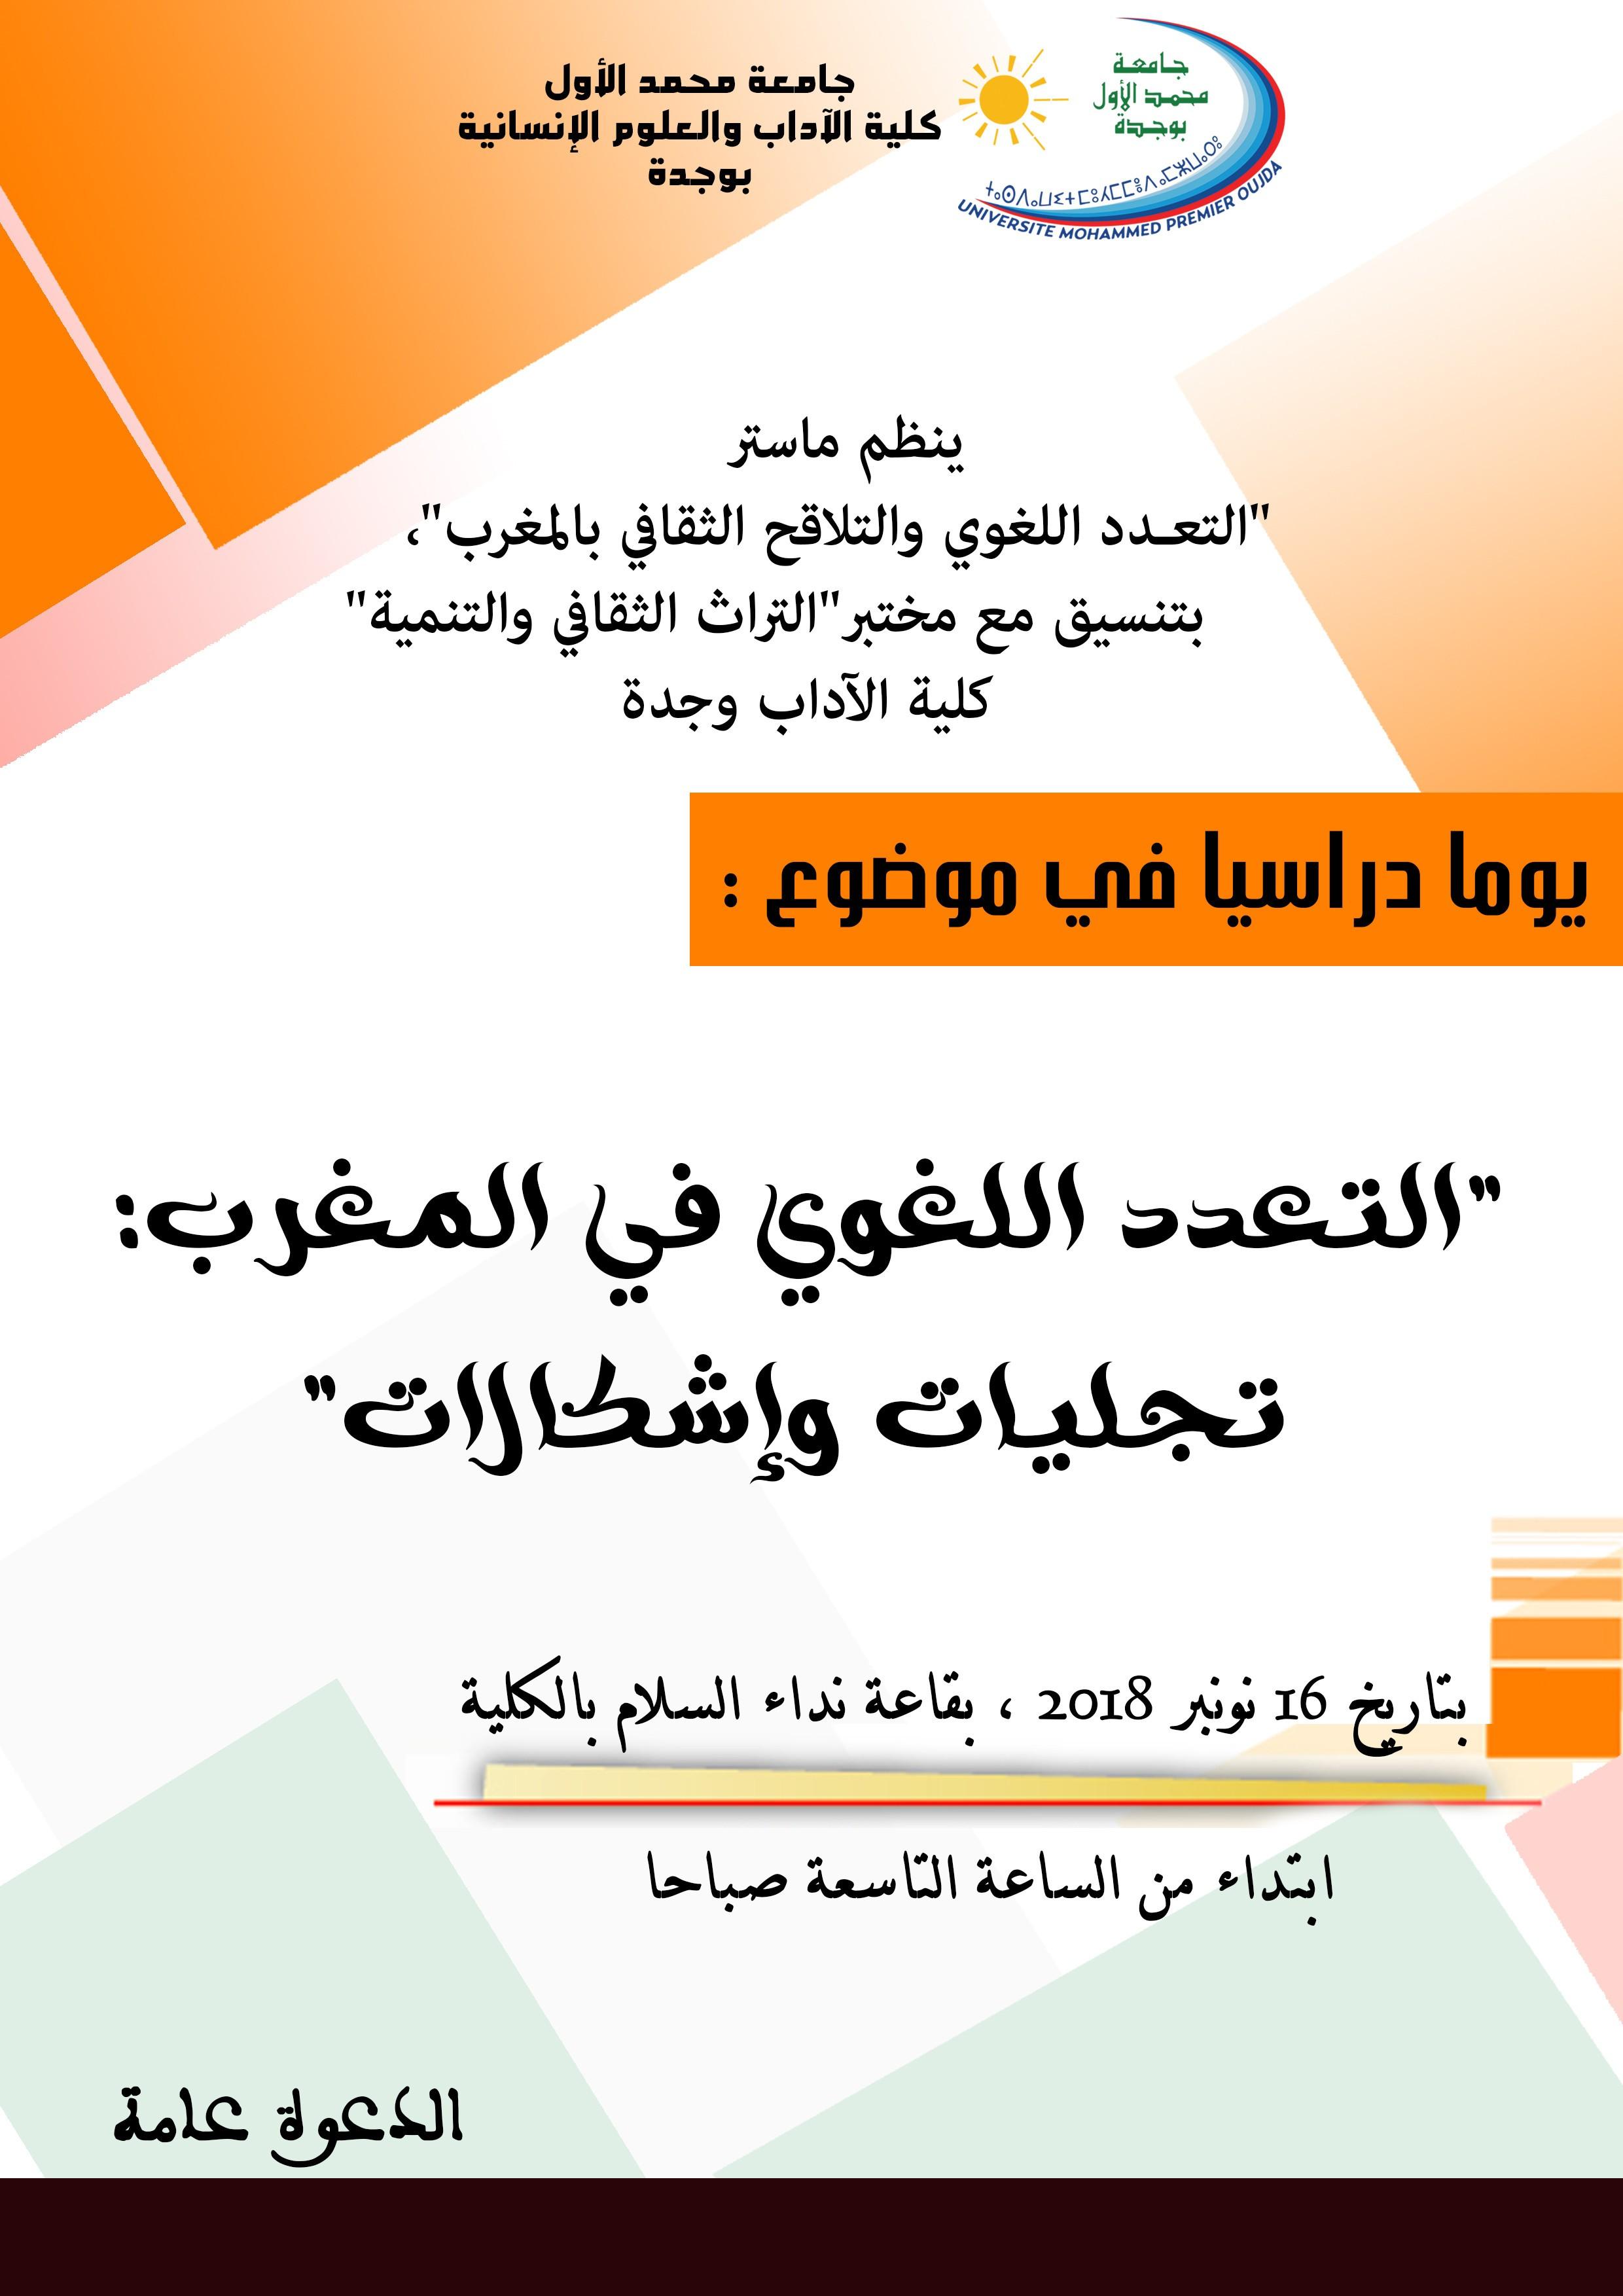 التعدد اللغوي في المغرب: تجليات و إشكالات